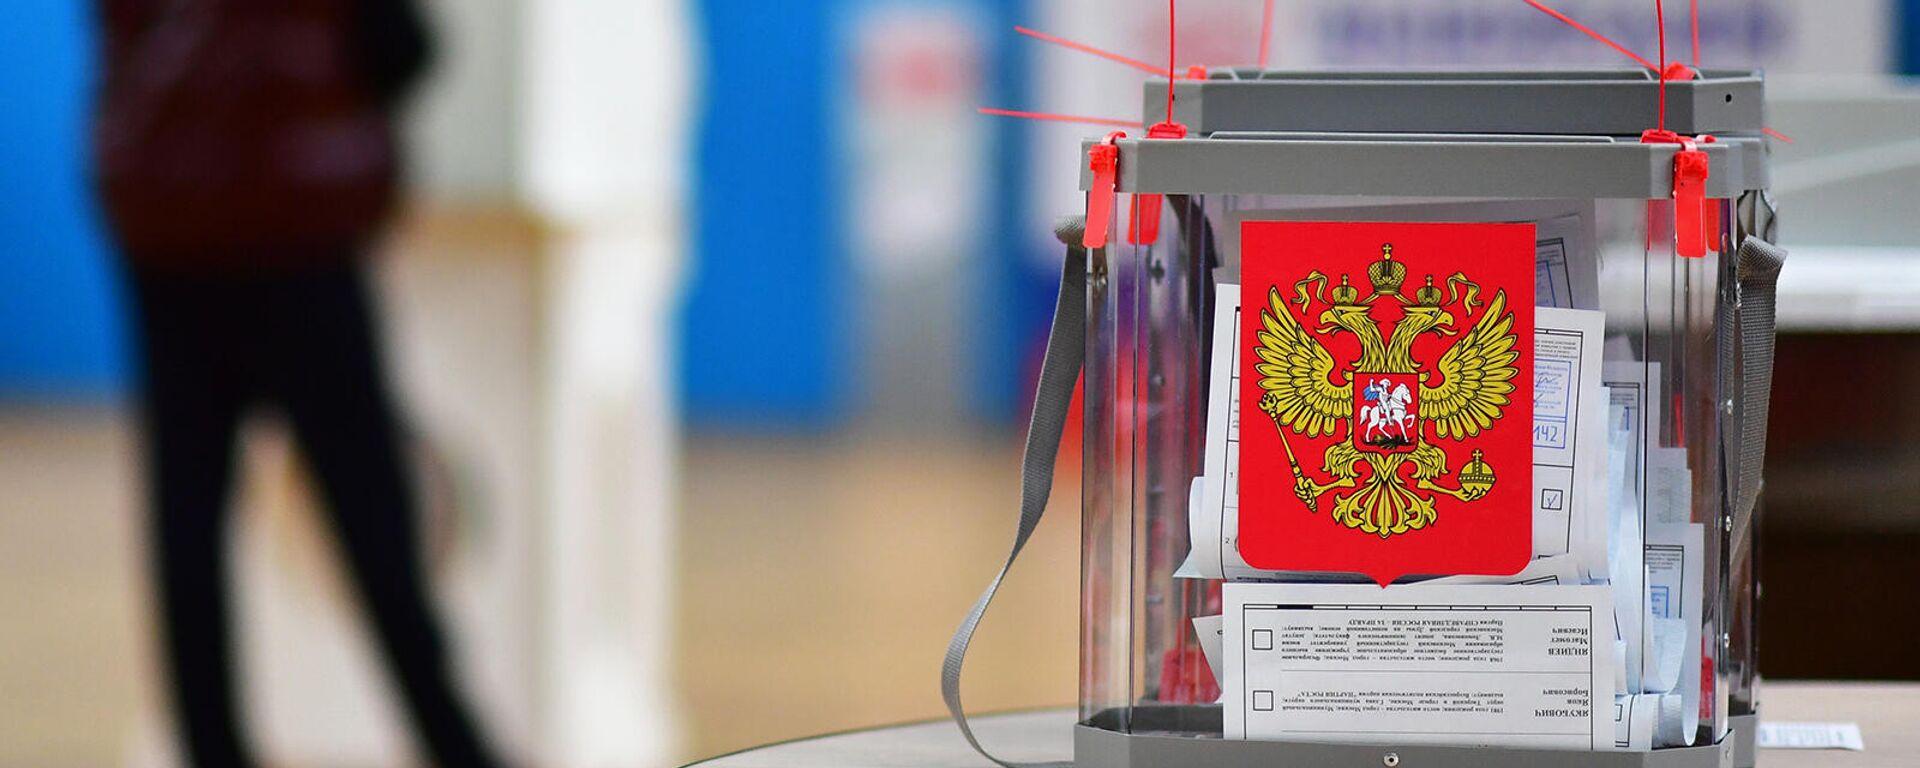 Выборы депутатов Государственной Думы РФ - Sputnik Արմենիա, 1920, 19.09.2021